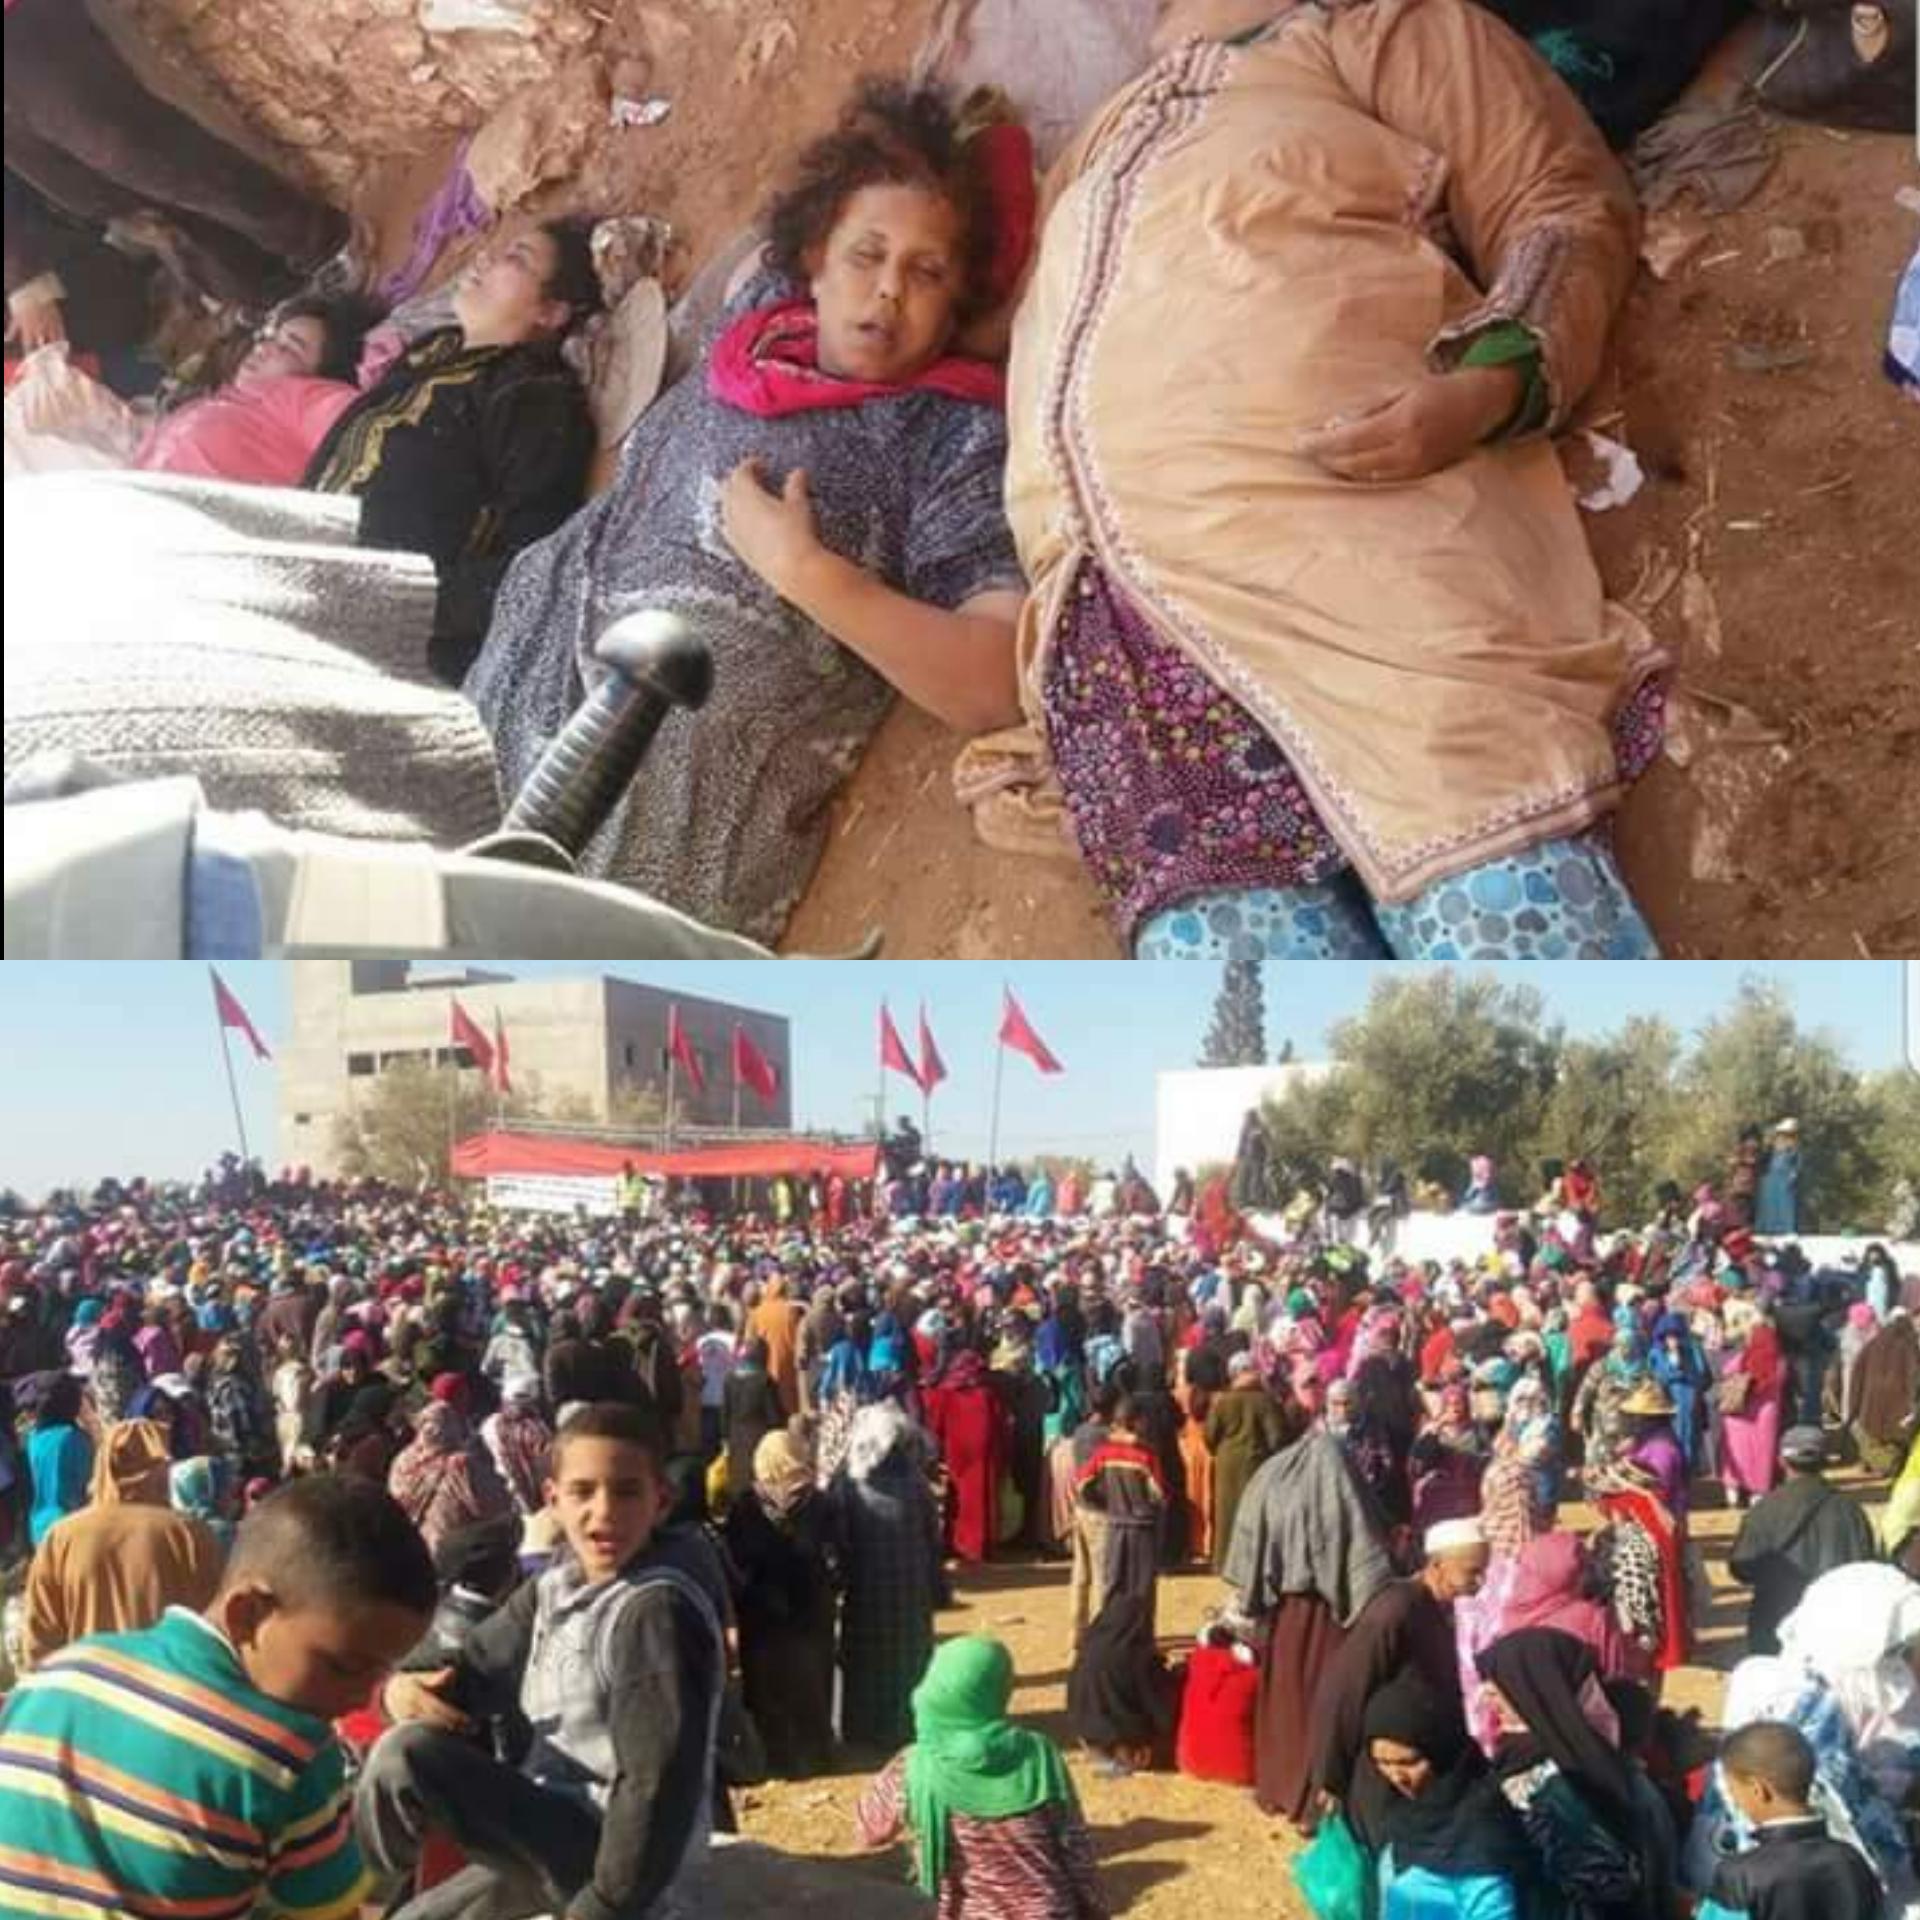 وفاة 15 امرأة في ازدحام خلال توزيع مساعدات غذائية بجماعة القروية سيدي بوعلام إقليم الصويرة